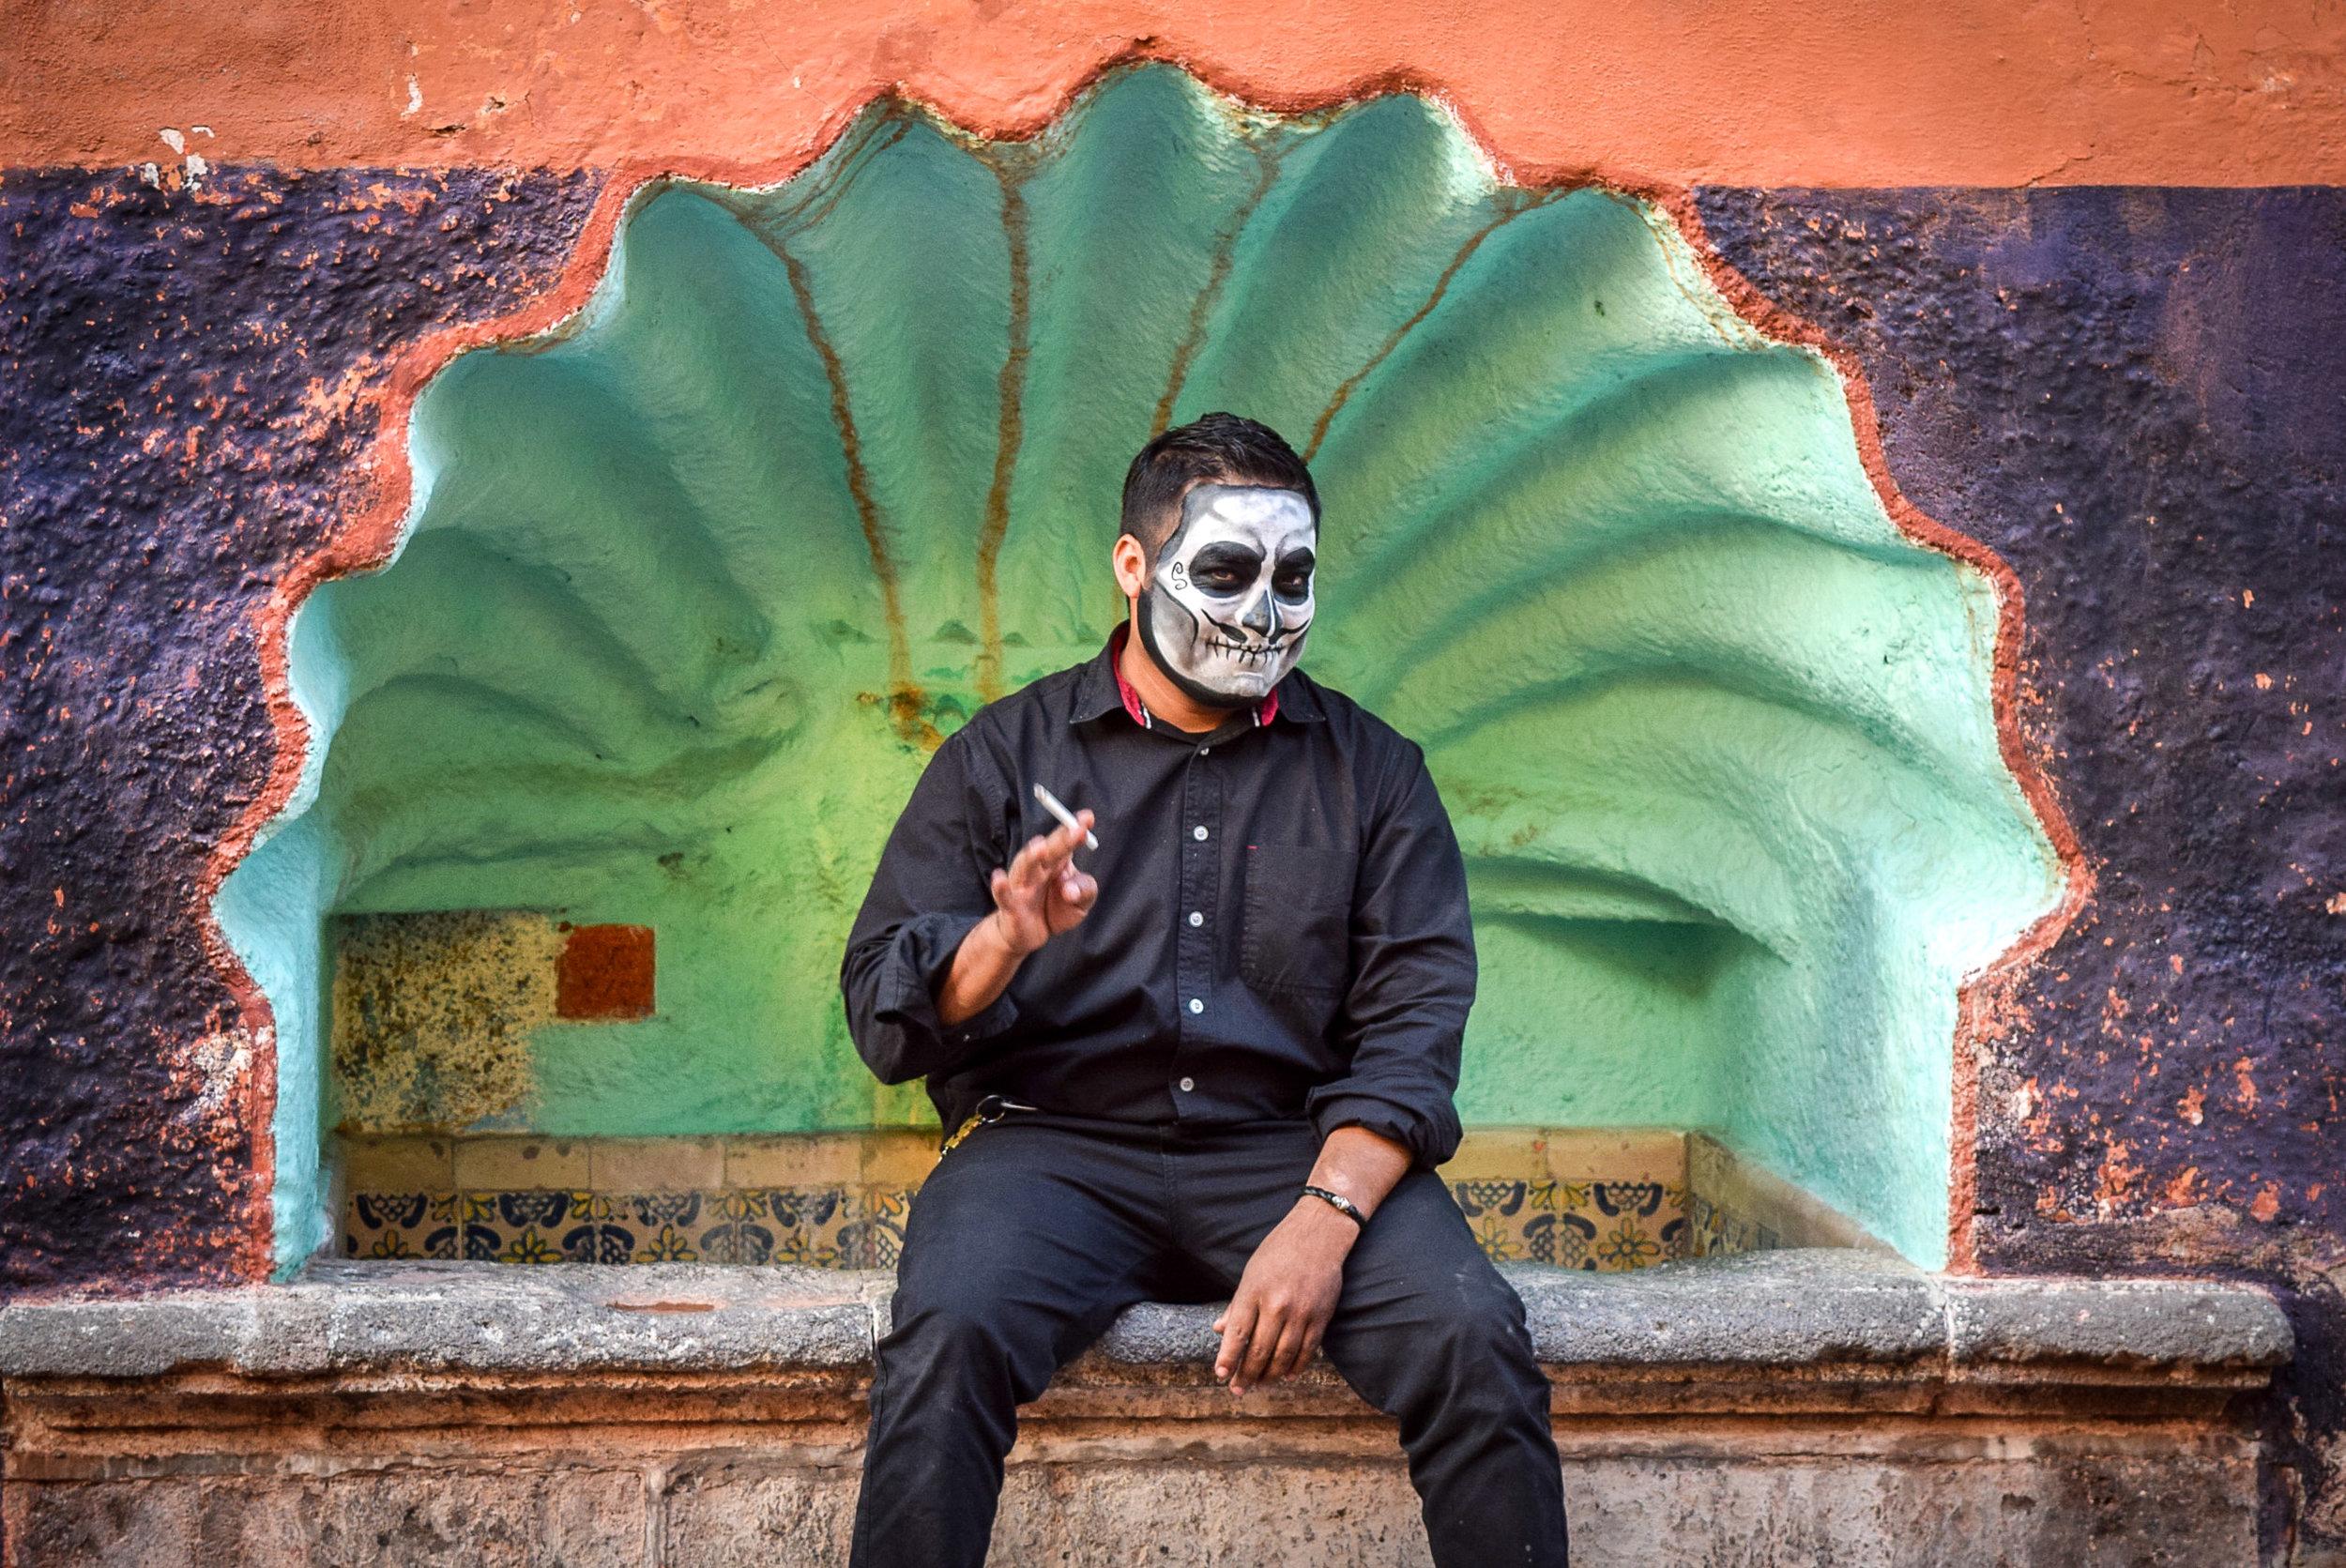 Face painted man in San Miguel de Allende during Dia de los Muertos celebrations